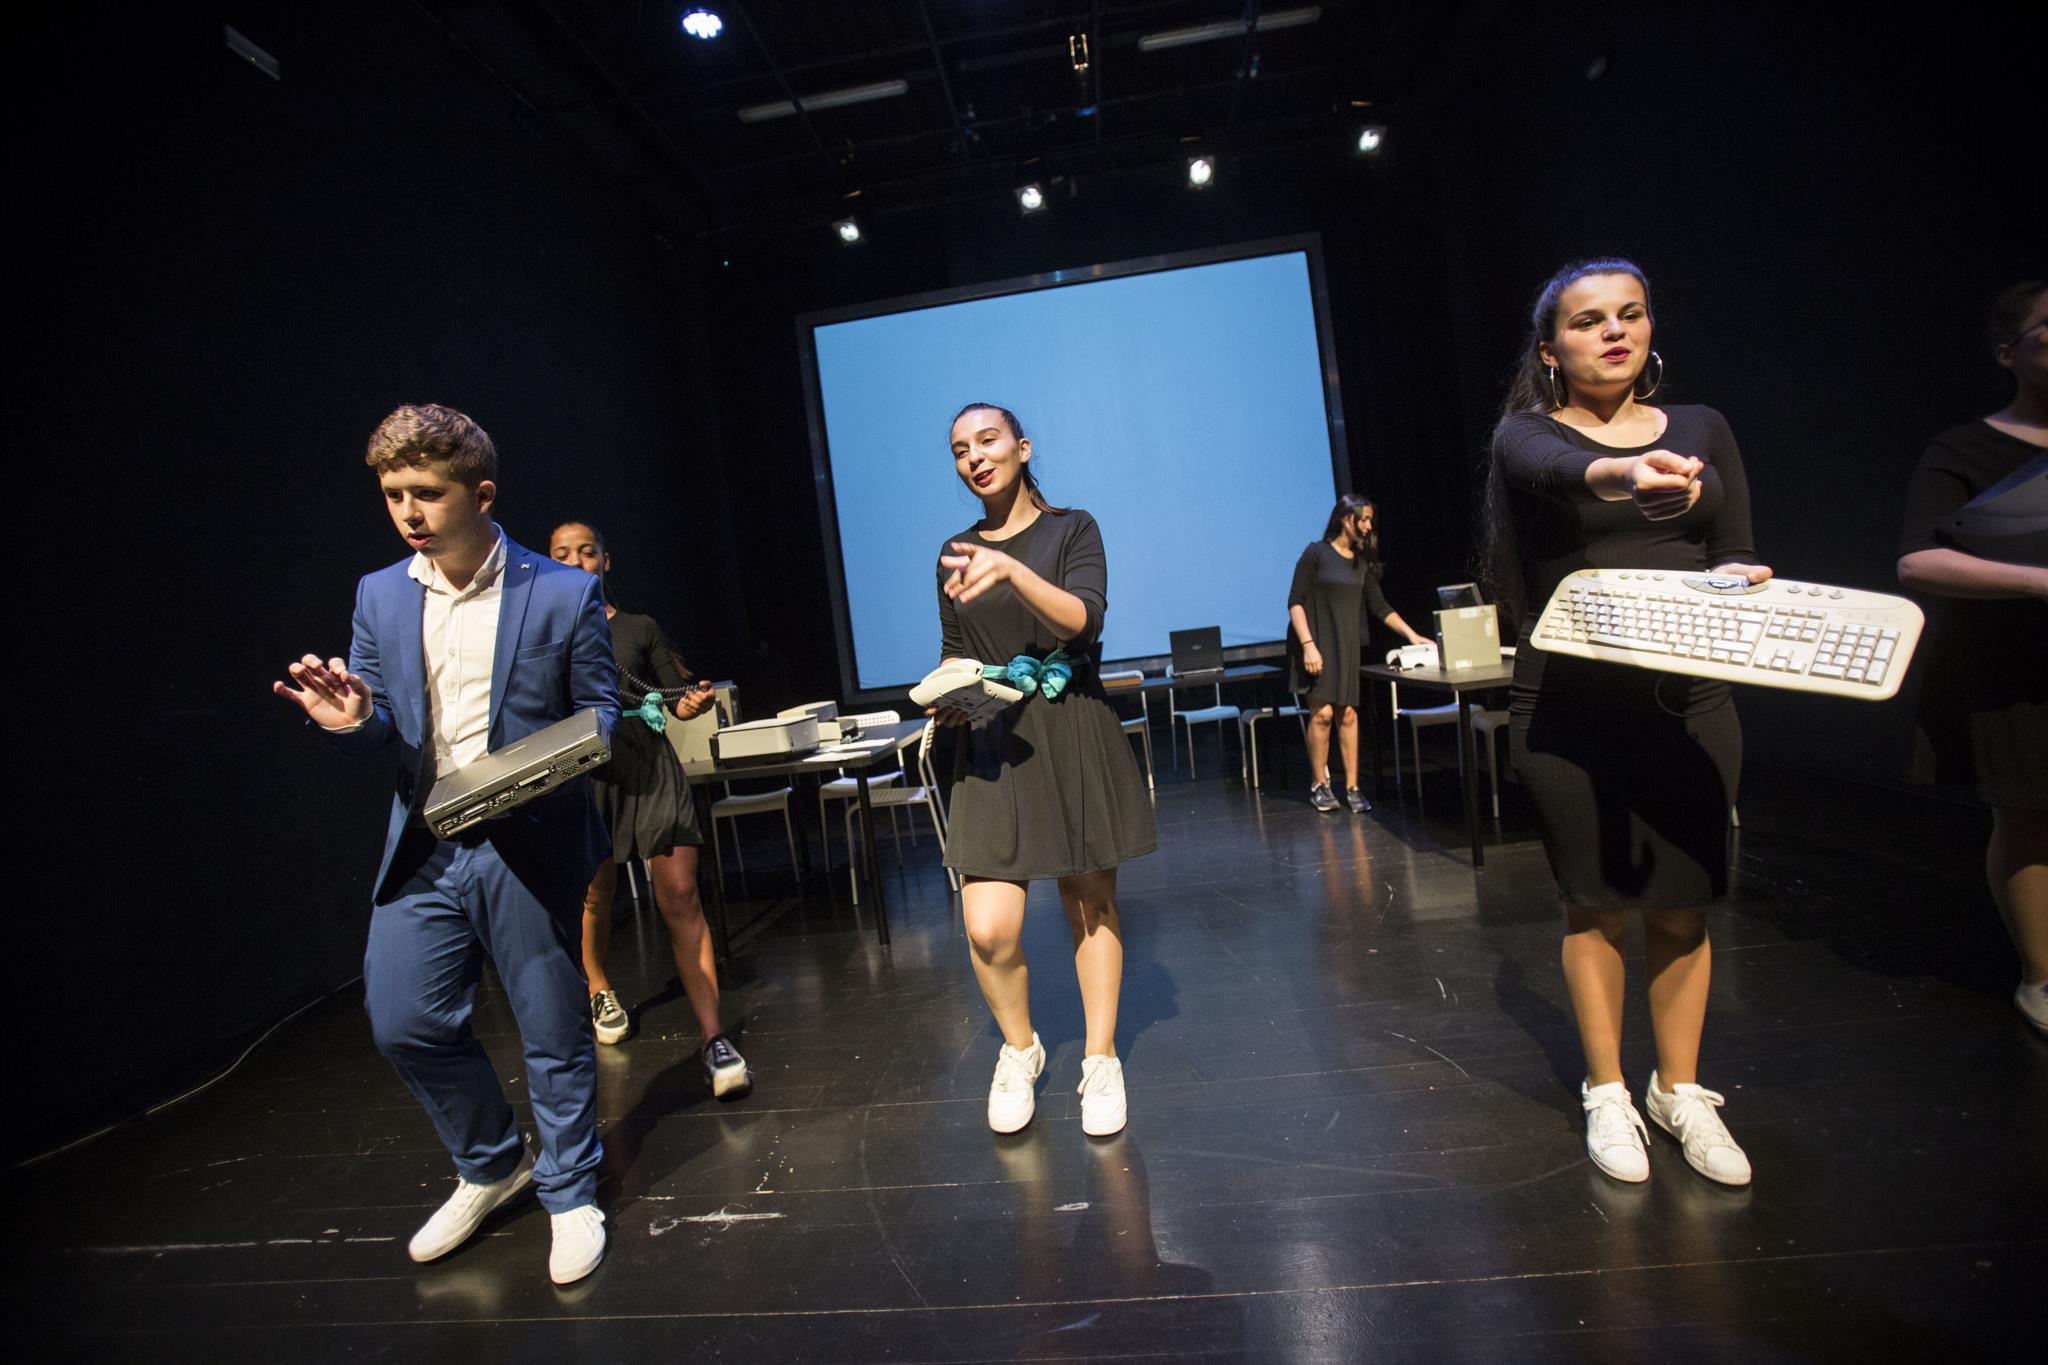 PÚBLICO - Eles fazem contas à vida e escrutinam o teatro como ninguém